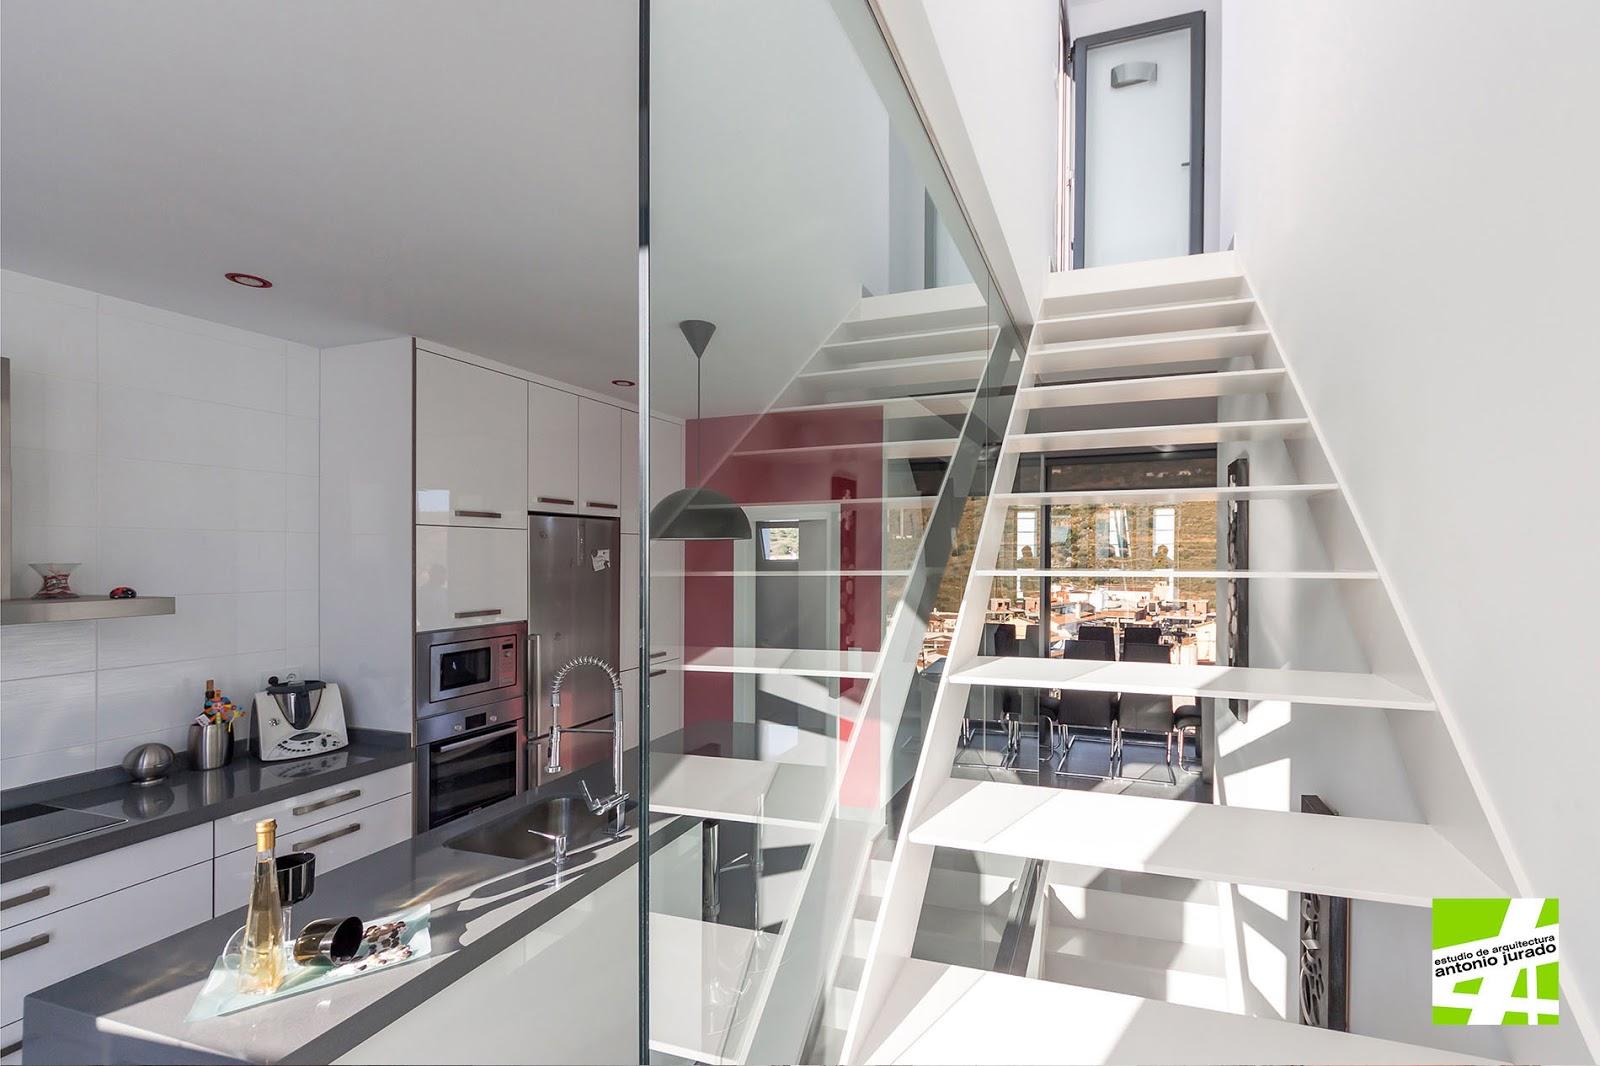 casa-tr-vivienda-unifamiliar-torrox-malaga-antonio-jurado-arquitecto-13